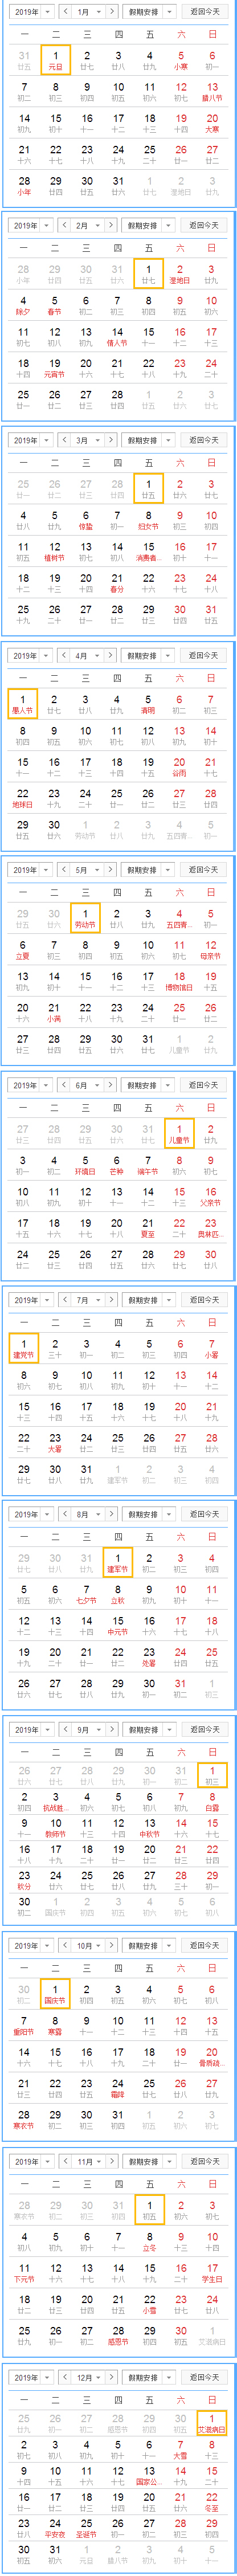 2019年日历表全年版 2019年阴历阳历对照表图片